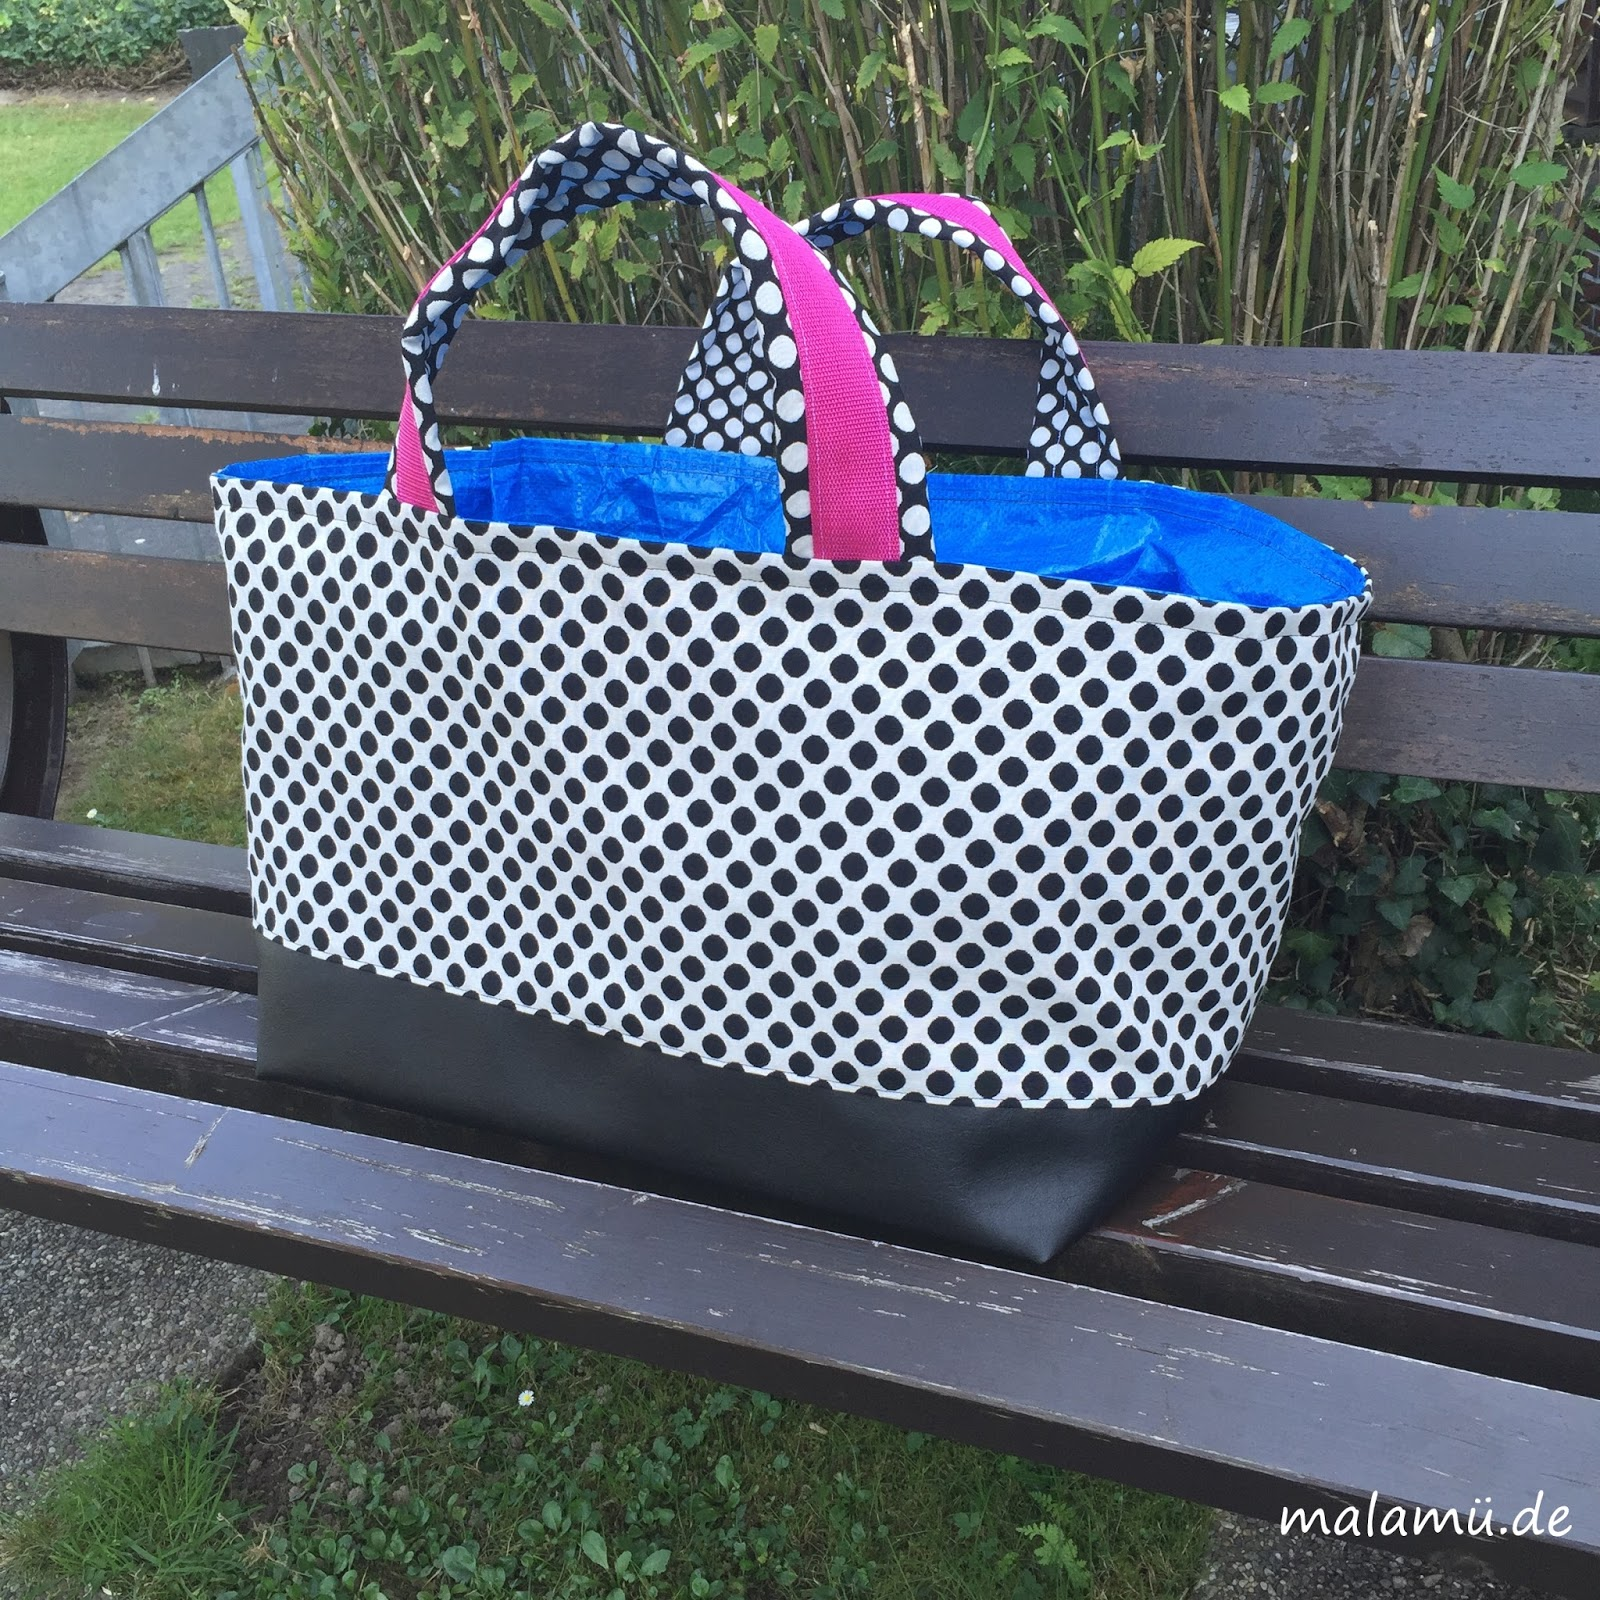 Einfach schöne Sachen...by malamü: Pimp my Ikea Bag - RUMs